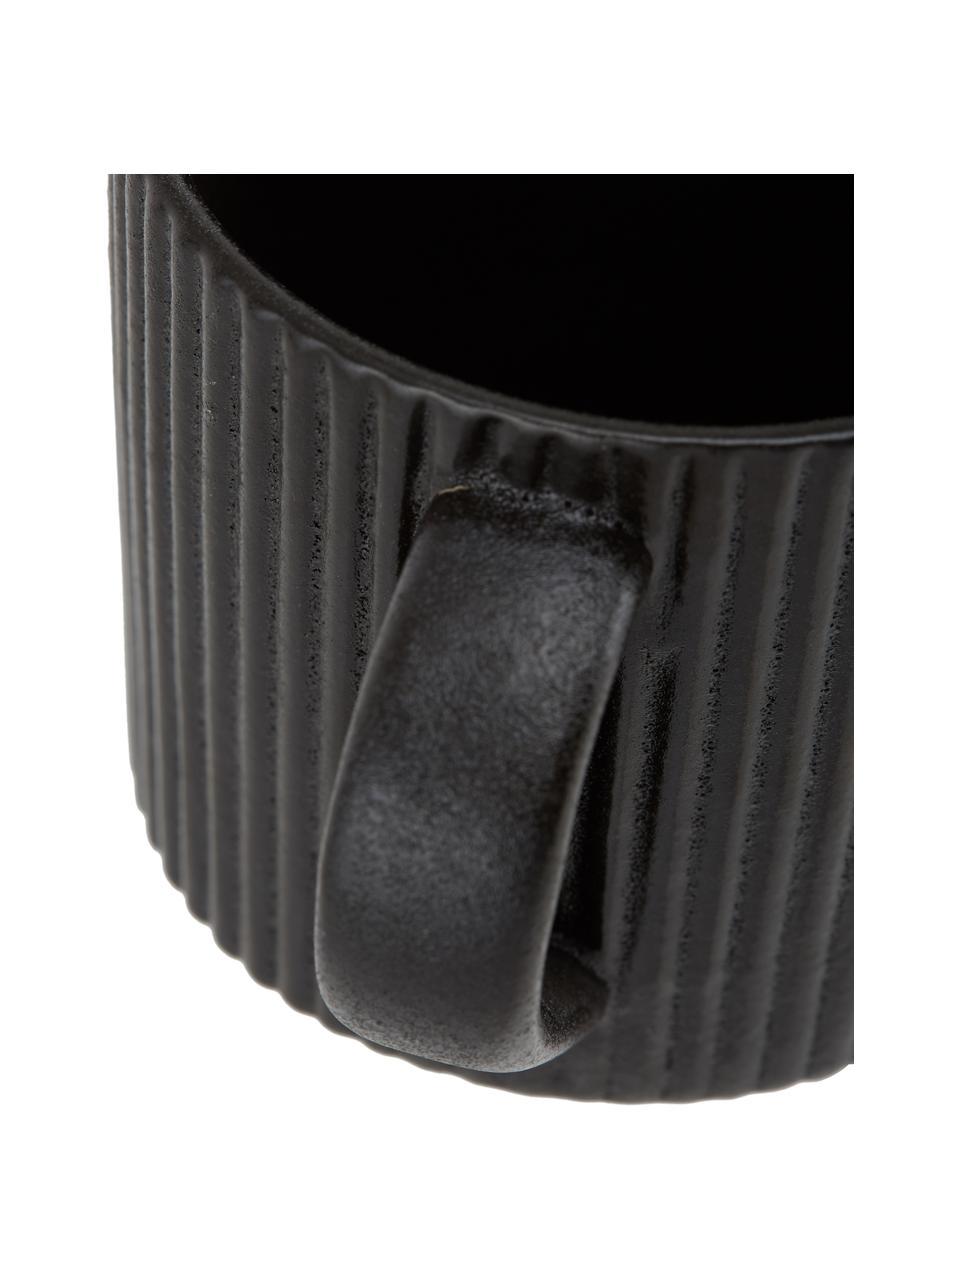 Mokken Neri met groefstructuur in zwart mat, 2 stuks, Keramiek Met groefstructuur en licht ruwe oppervlak, Zwart, Ø 9 x H 9 cm